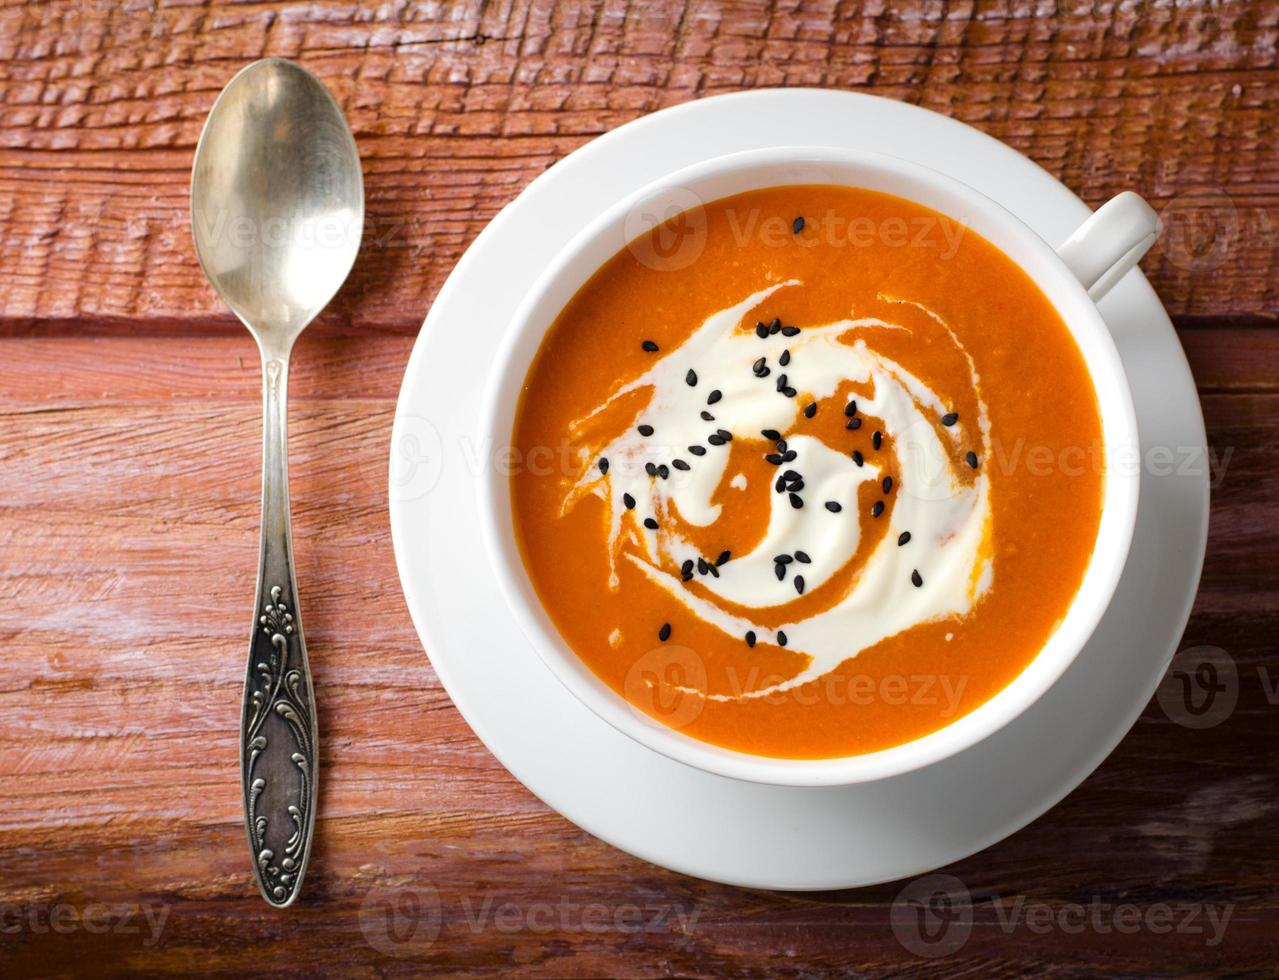 pompoensoep met tomaten, chili, yoghurt en zwarte sesamzaadjes foto